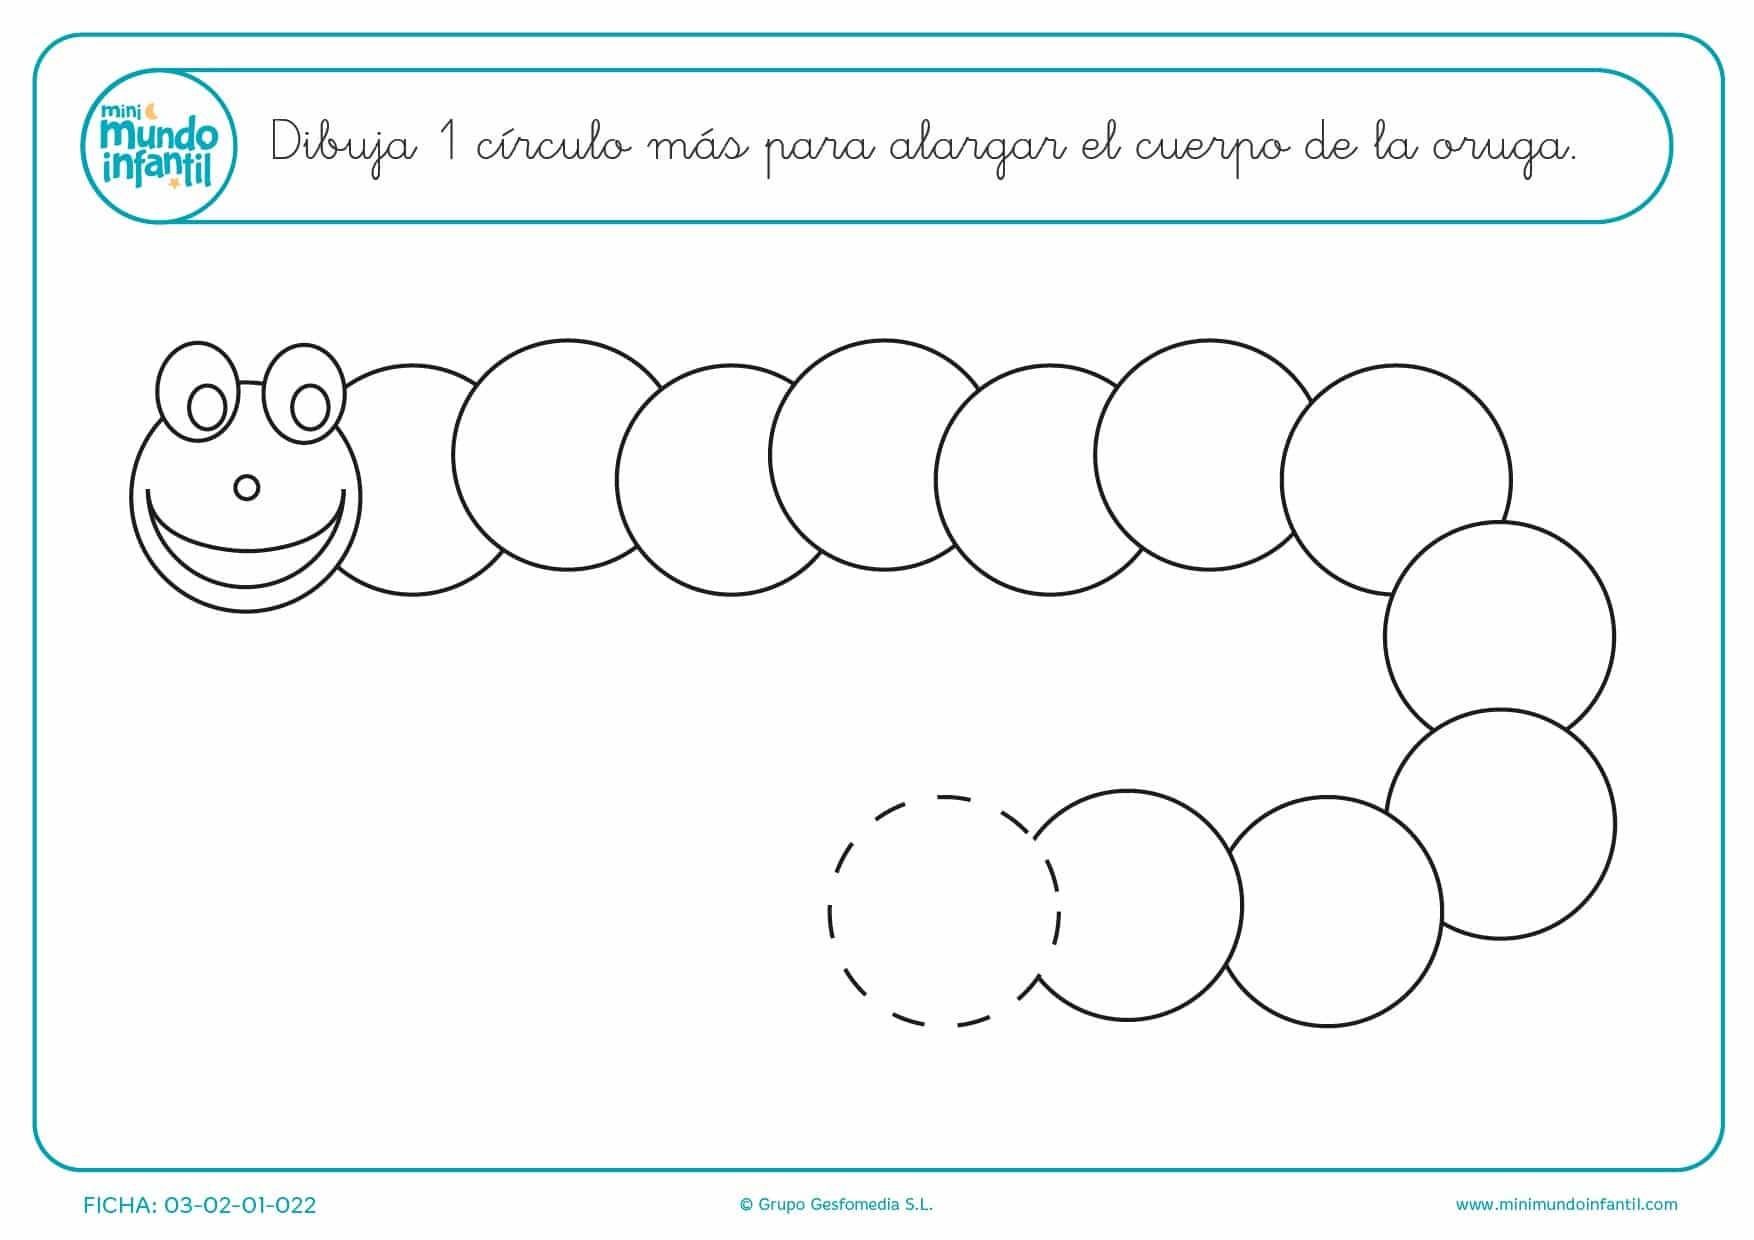 Sigue el cuerpo de la oruga con 1 círculo más para niños